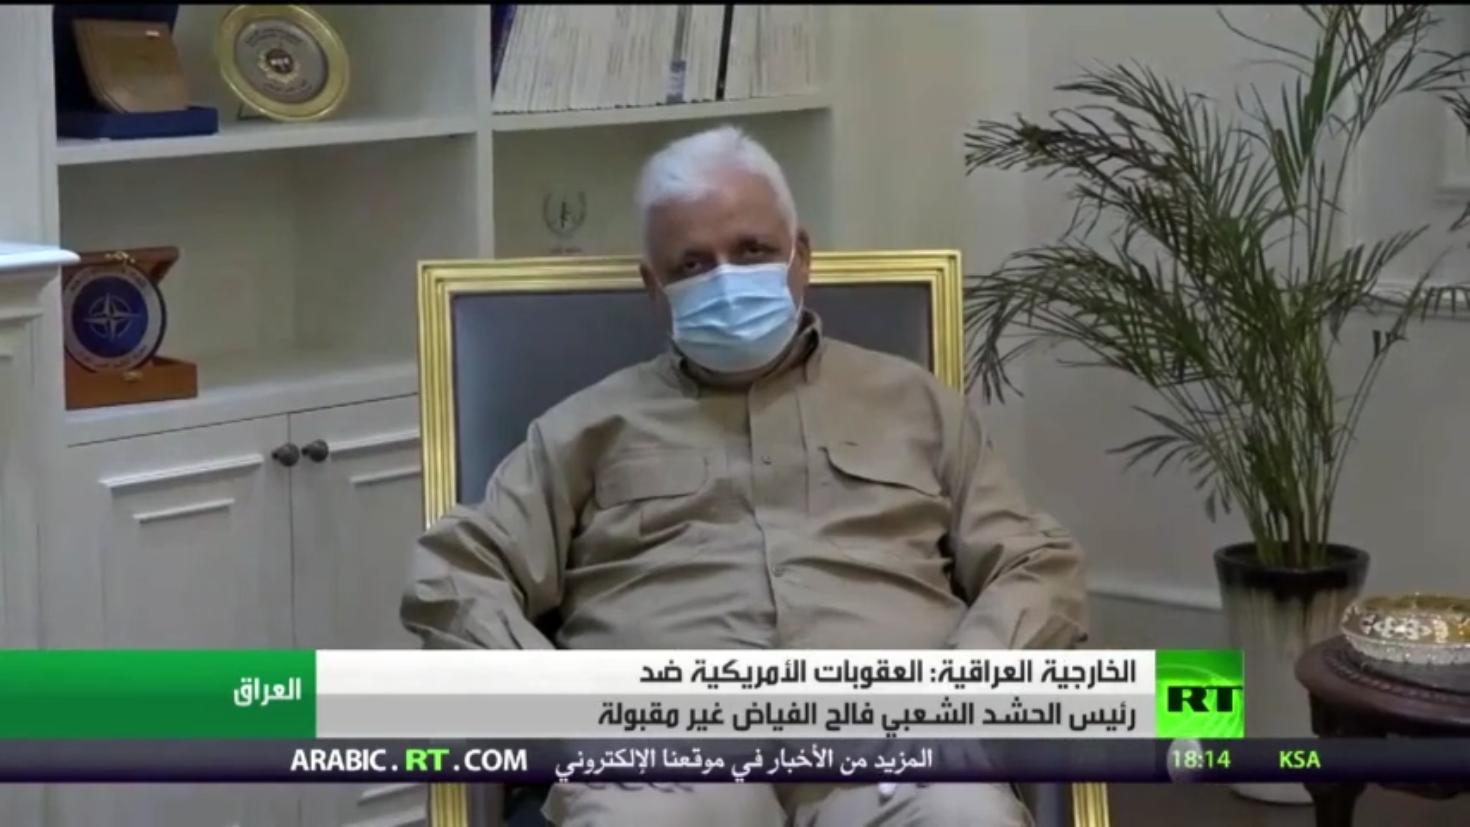 العراق: فرض عقوبات على الفياض أمر غير مقبول